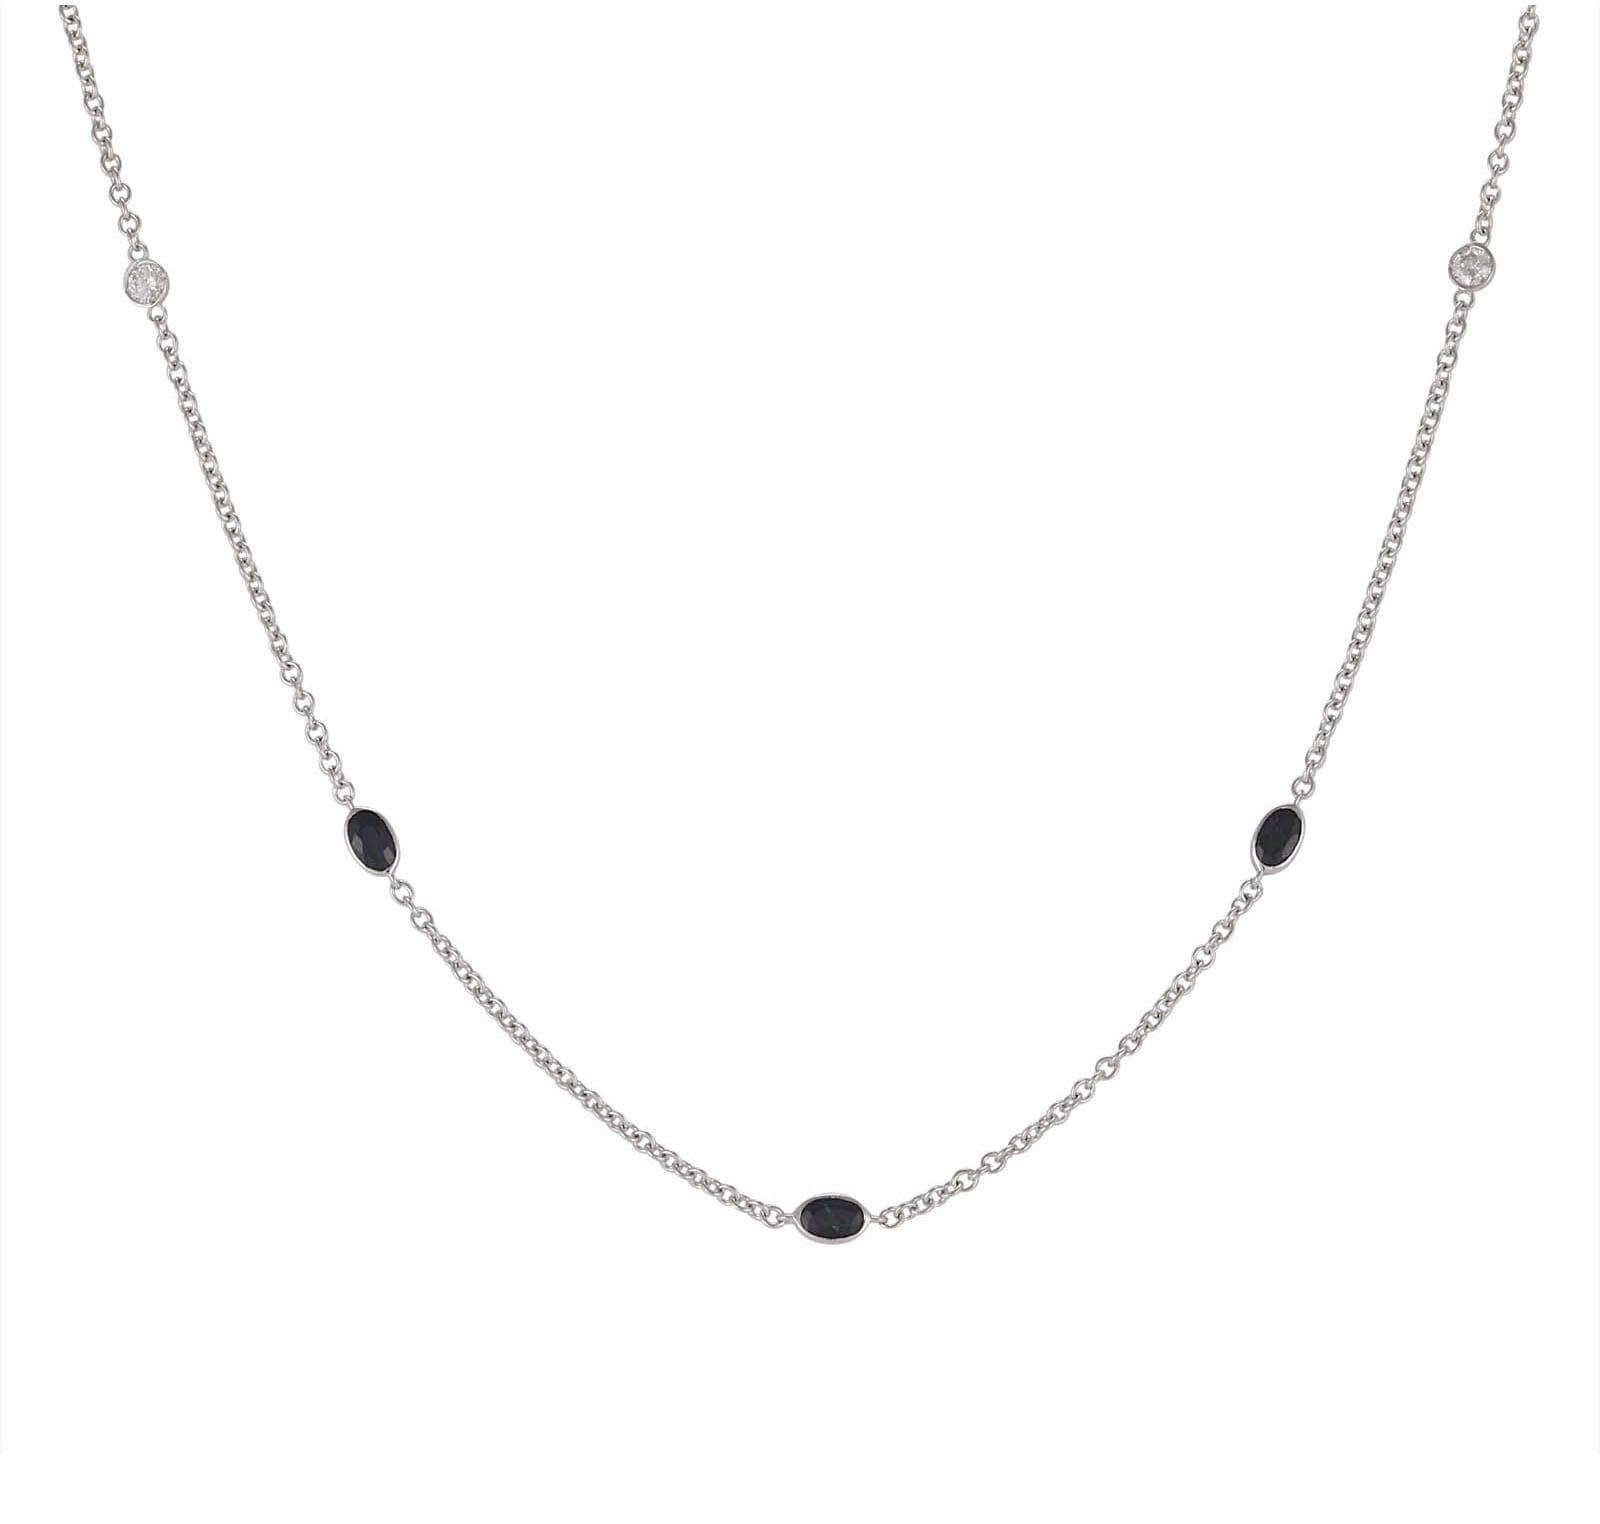 Lo Spazio Blue Sapphire and Diamond Necklace